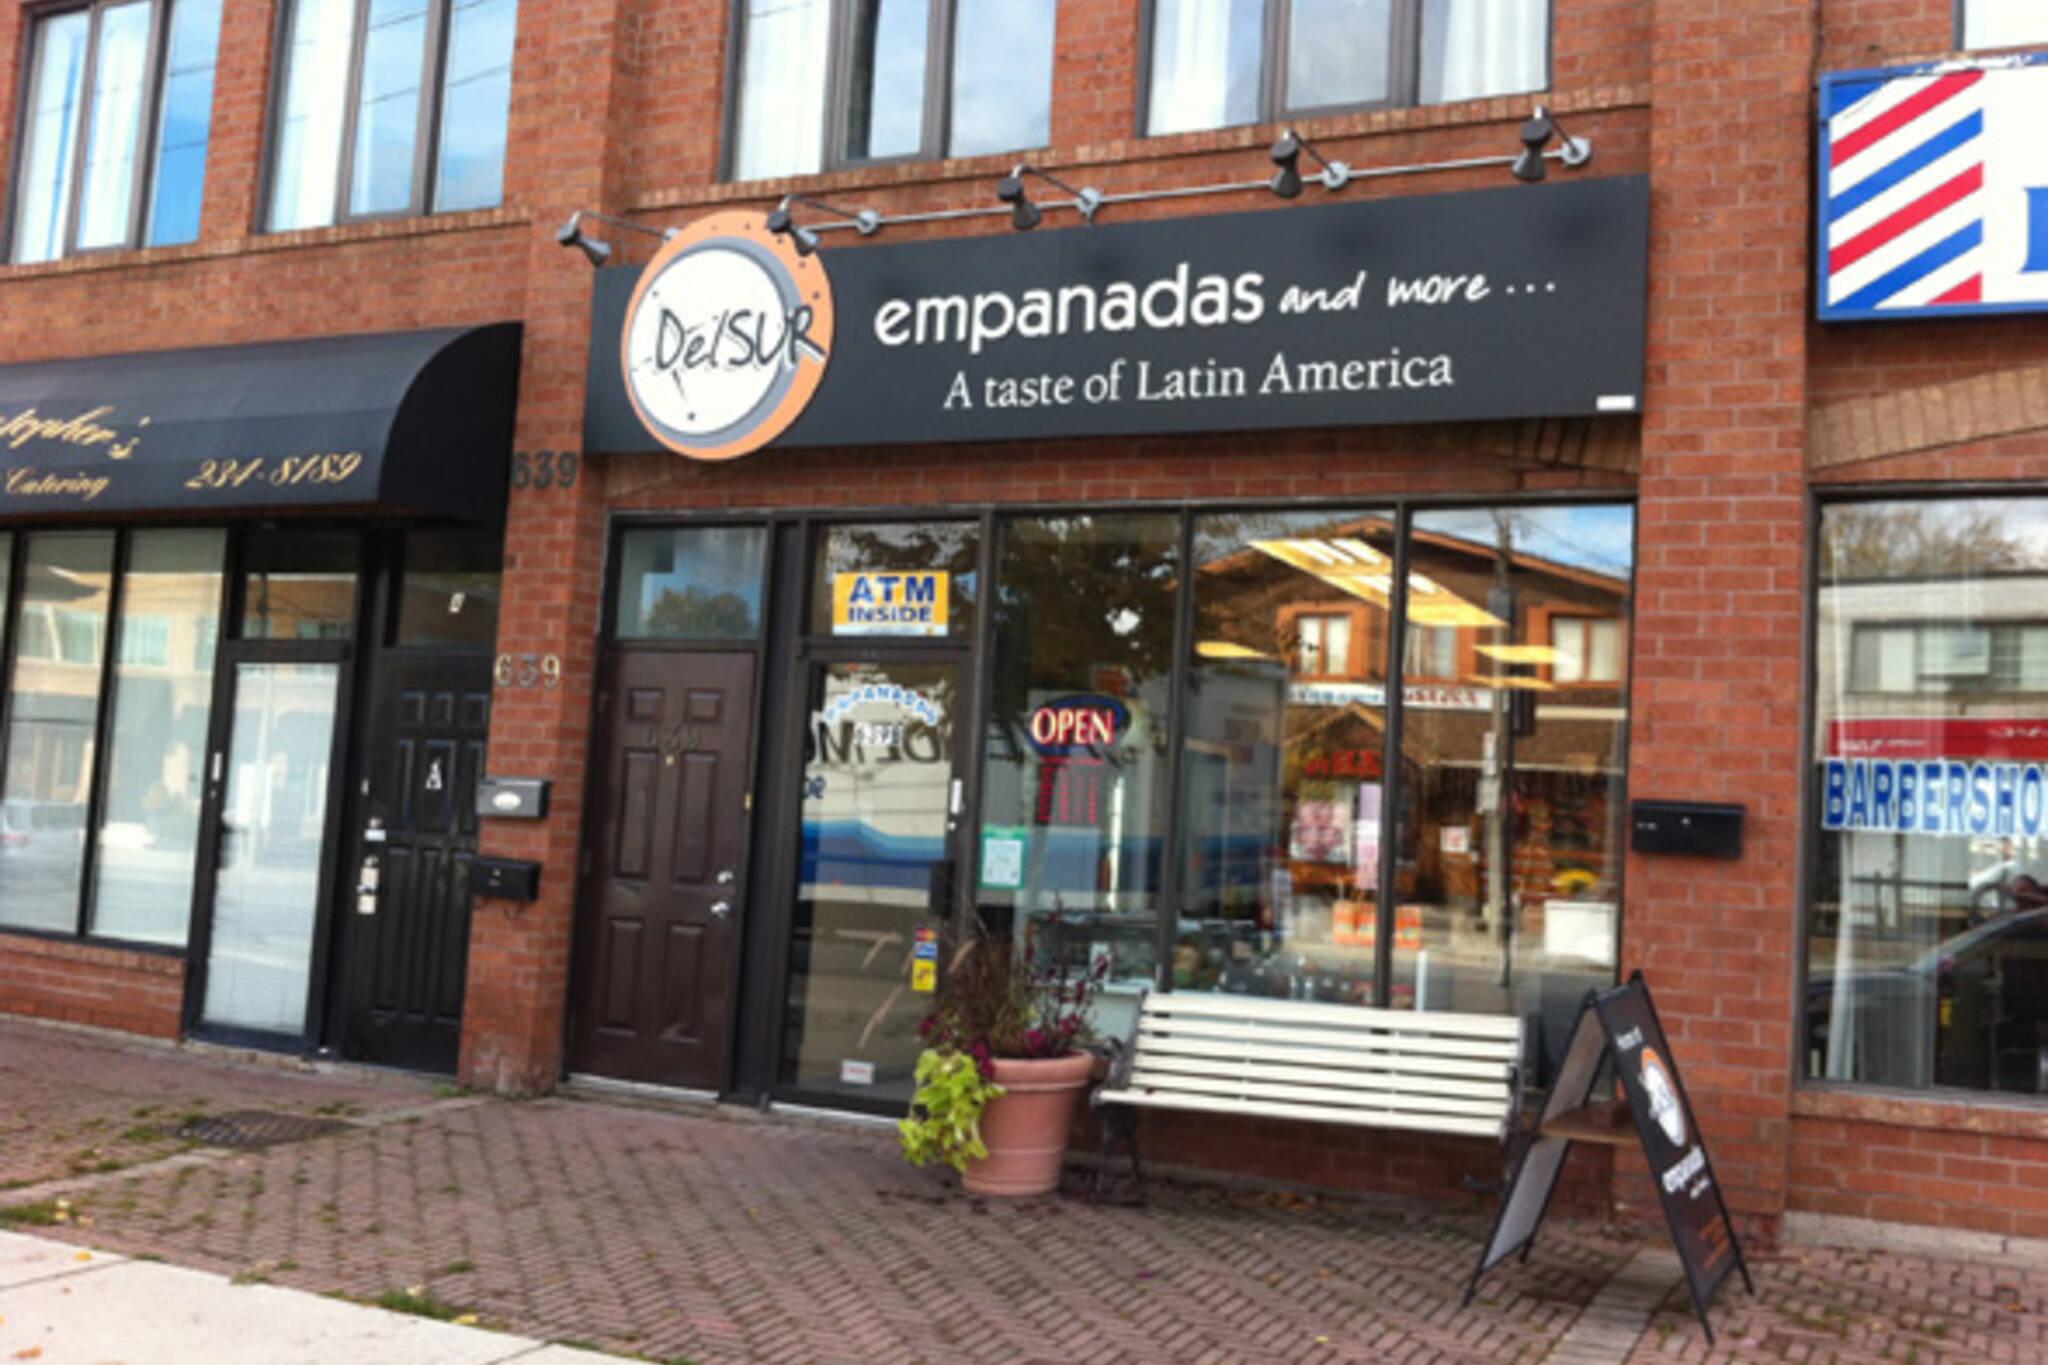 Del Sur Empanadas